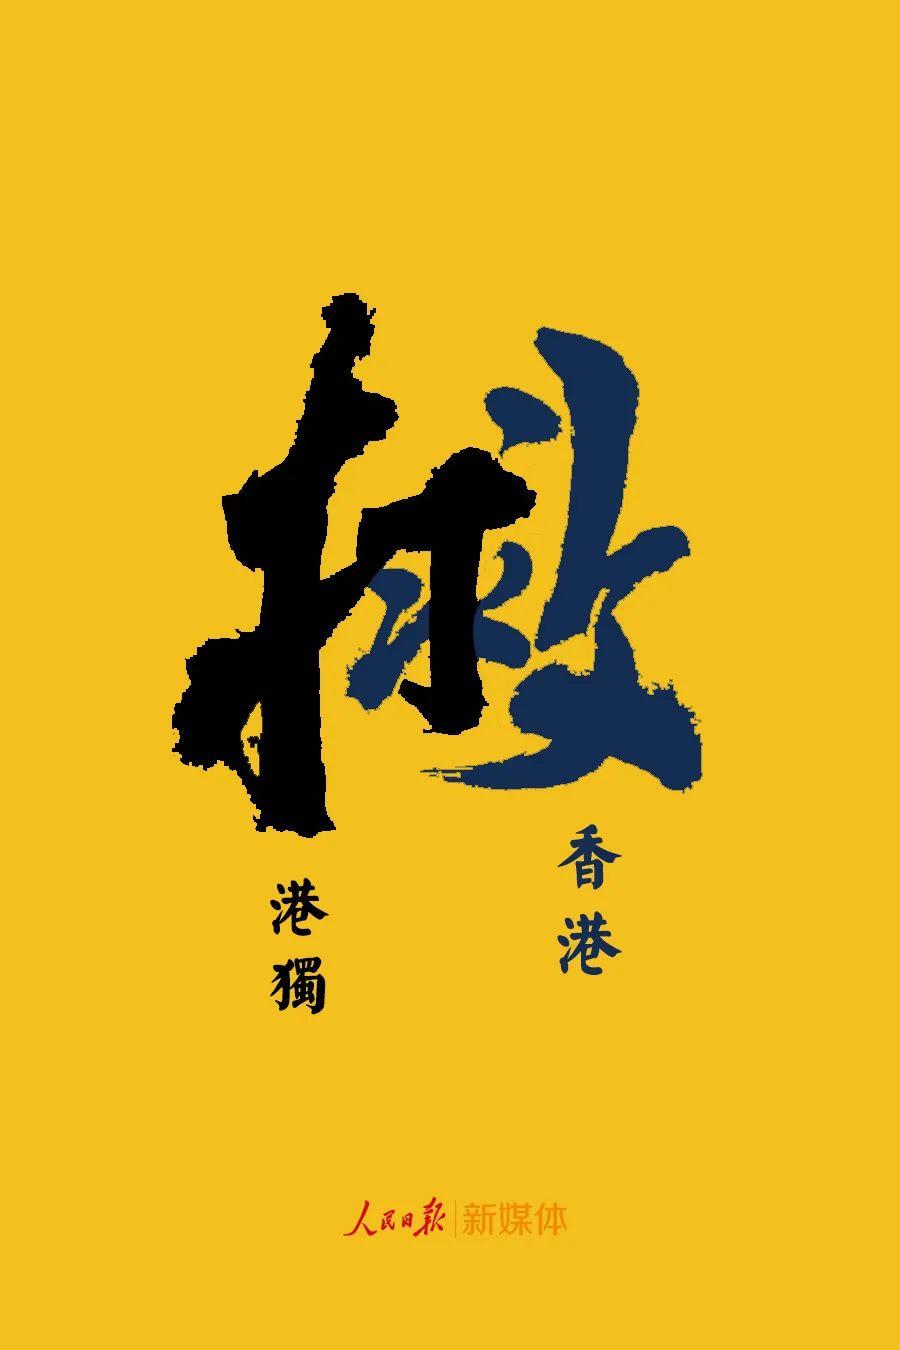 [高德招商]锐评黑暴裹着港独泥沙冲高德招商击香港国图片